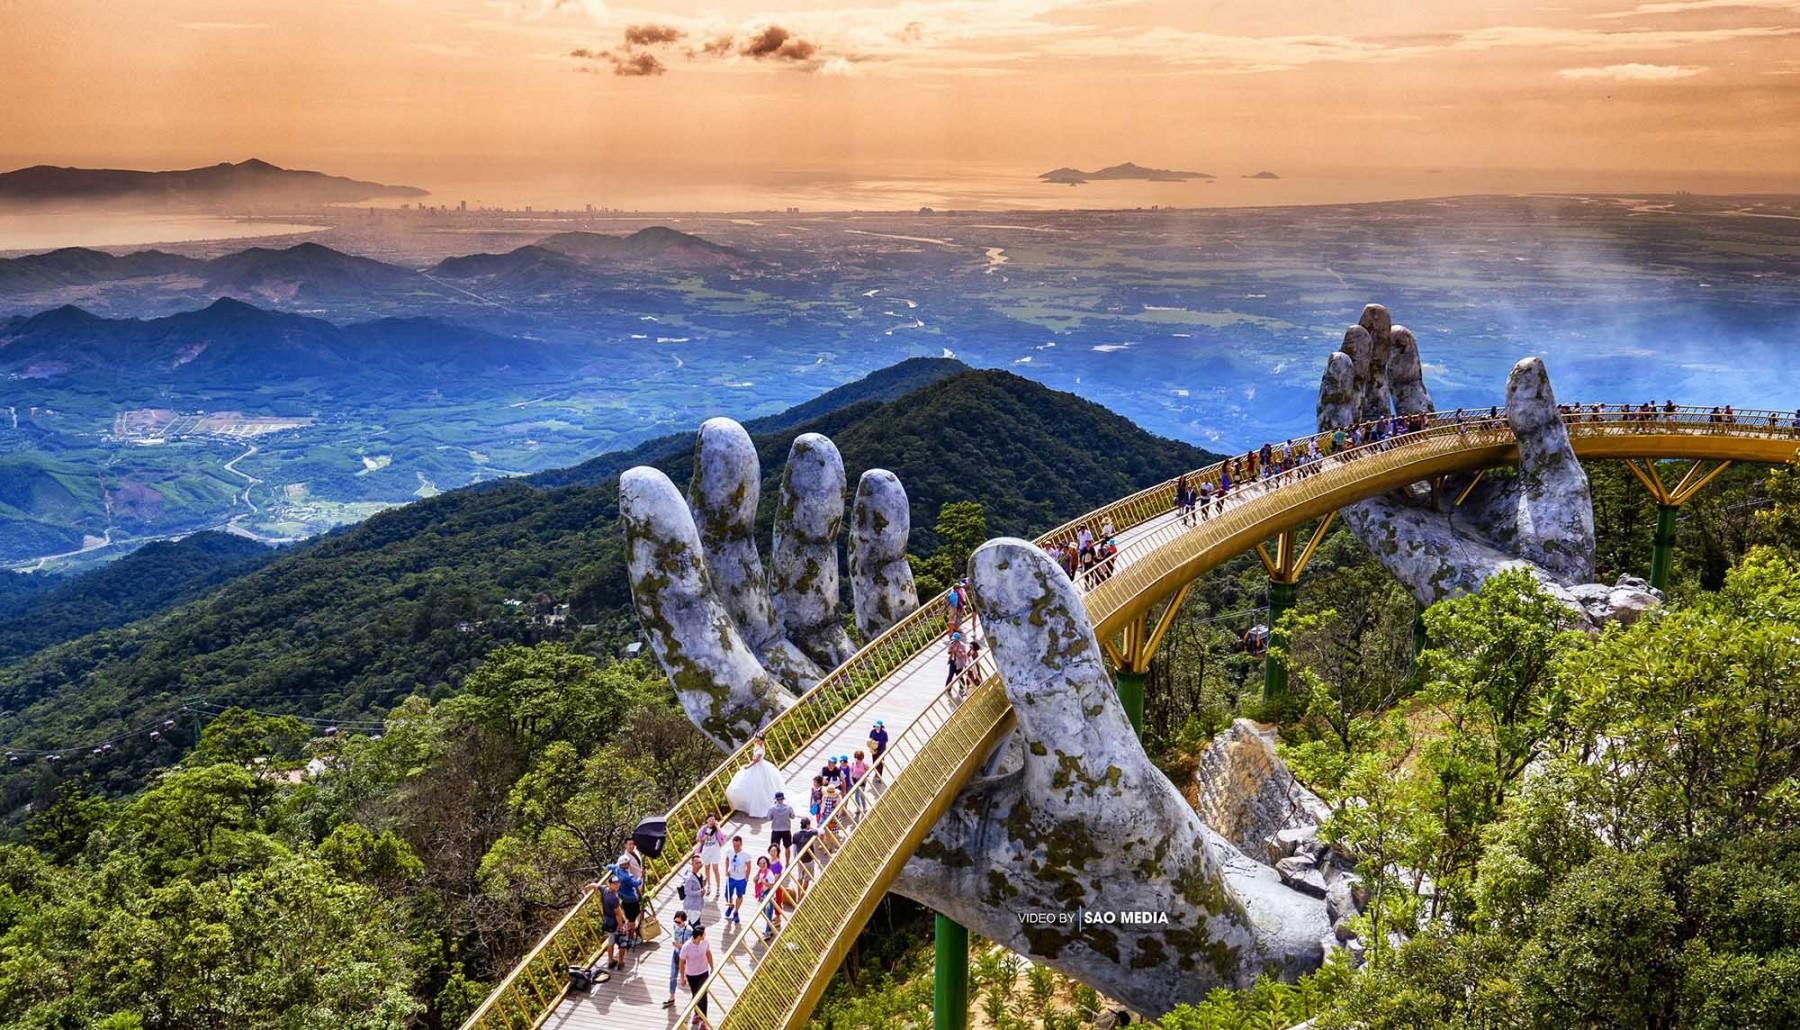 Cây Cầu Vàng Trên Đỉnh Bà Nà Hills, Đà Nẵng